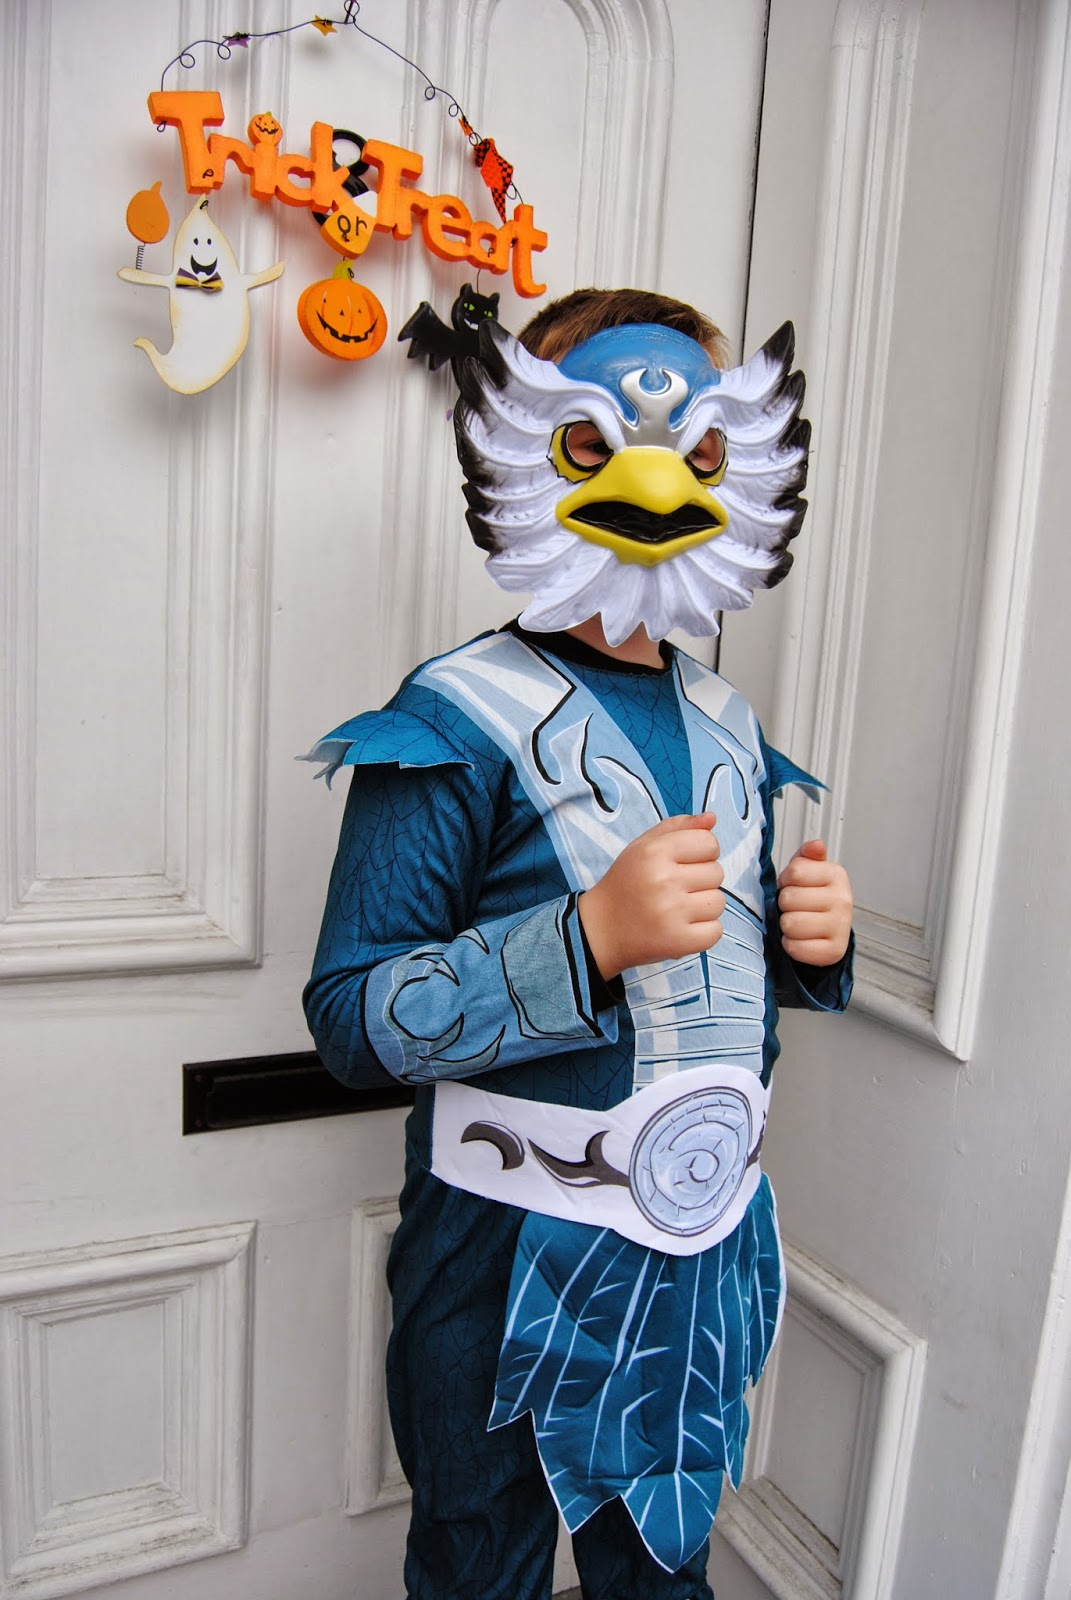 Skylanders Halloween Costumes Review & Mommau0027s Gone Over the Wall: Skylanders Halloween Costumes: Review